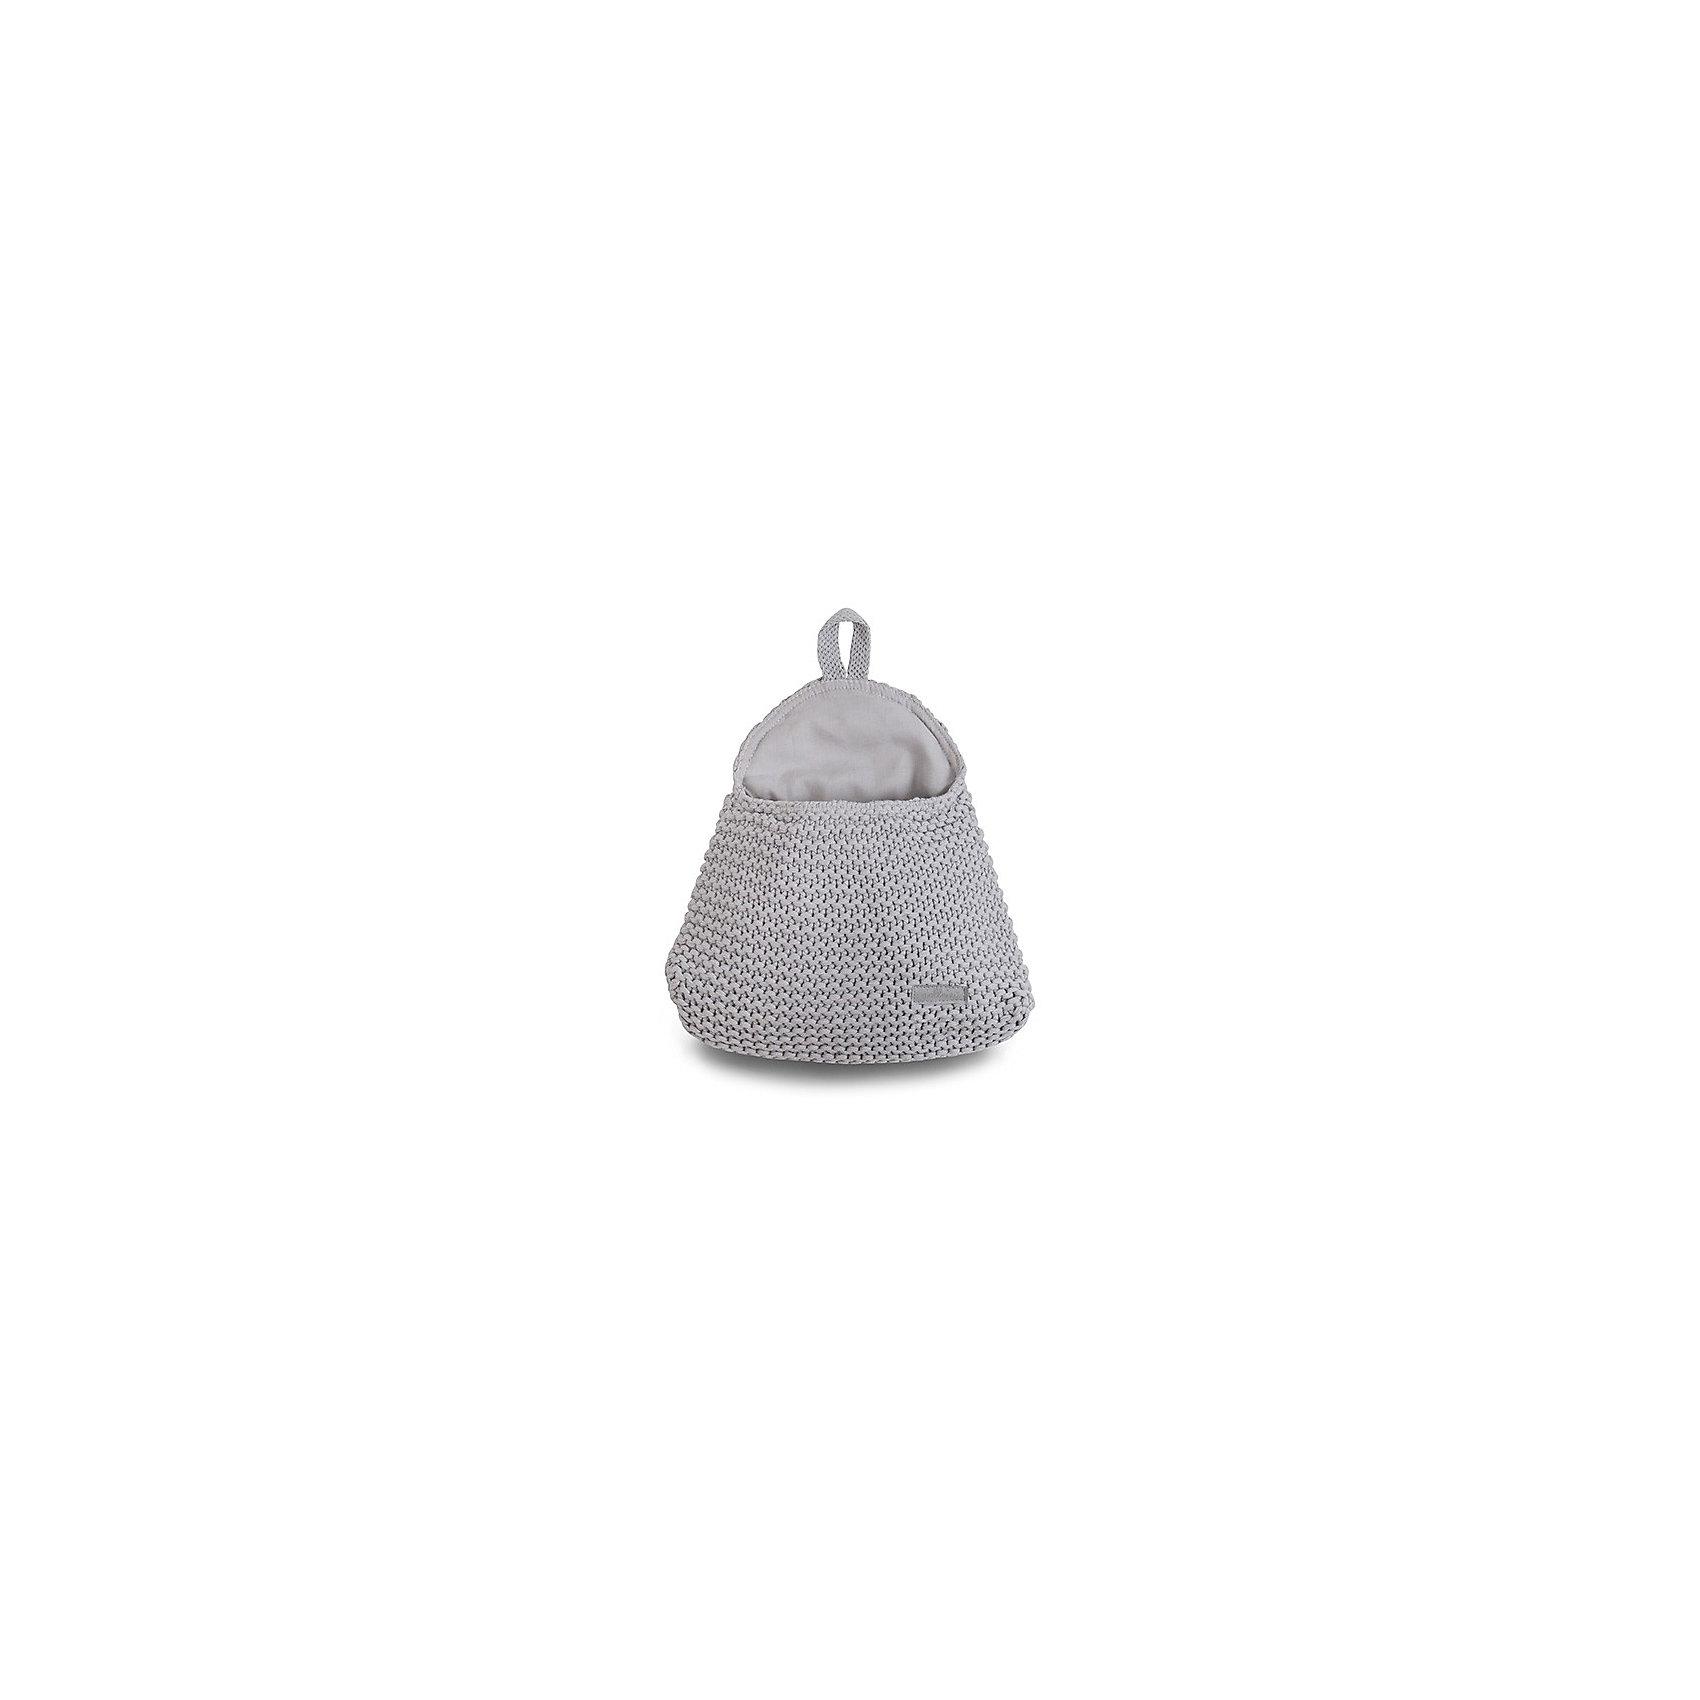 Настенный карман для мелочи, Jollein, Light greyПорядок в детской<br>Характеристики:<br><br>• Вид детского текстиля: настенный карман<br>• Предназначение: для хранения детских принадлежностей и мелочей<br>• Пол: универсальный<br>• Коллекция: Heavy knit (Крупная вязка)<br>• Цвет: серый<br>• Тематика рисунка: без рисунка<br>• Крепится за счет ручки-петли<br>• Материал: 50% хлопок, 50% акрил<br>• Размер: 27*20 см<br>• Особенности ухода: машинная или ручная стирка при температуре не более 30 градусов<br><br>Настенный карман для мелочи, Jollein, Light grey от торговой марки Жолляйн, которая является признанным лидером среди аналогичных брендов, выпускающих детское постельное белье и текстиль для новорожденных. Продукция этого торгового бренда отличается высоким качеством и дизайнерским стилем. Изделие выполнено из вязаного полотна, в состав которого входит хлопок и акрил. Такое сочетание обеспечивает прочность и долговечность изделия: оно не потеряет форму и на нем не будут образовываться катышки даже при частных стирках и длительной эксплуатации. <br><br>Изделие выполнено в форме сумки с ручкой-петлей, с помощью которой ее можно подвешать или прикрепить. У кармана имеется подклад. Изделие имеет дизайнерский стиль марки Жолляйн – сдержанный минимализм: однотонное полотно, выполненное крупной вязкой. <br>Настенный карман для мелочи, Jollein, Light grey – это не только порядок и уют, это еще и стильный аксессуар для детской комнаты вашего малыша! <br><br>Настенный карман для мелочи, Jollein, Light grey можно купить в нашем интернет-магазине.<br><br>Ширина мм: 270<br>Глубина мм: 270<br>Высота мм: 30<br>Вес г: 300<br>Возраст от месяцев: 0<br>Возраст до месяцев: 36<br>Пол: Унисекс<br>Возраст: Детский<br>SKU: 5367106